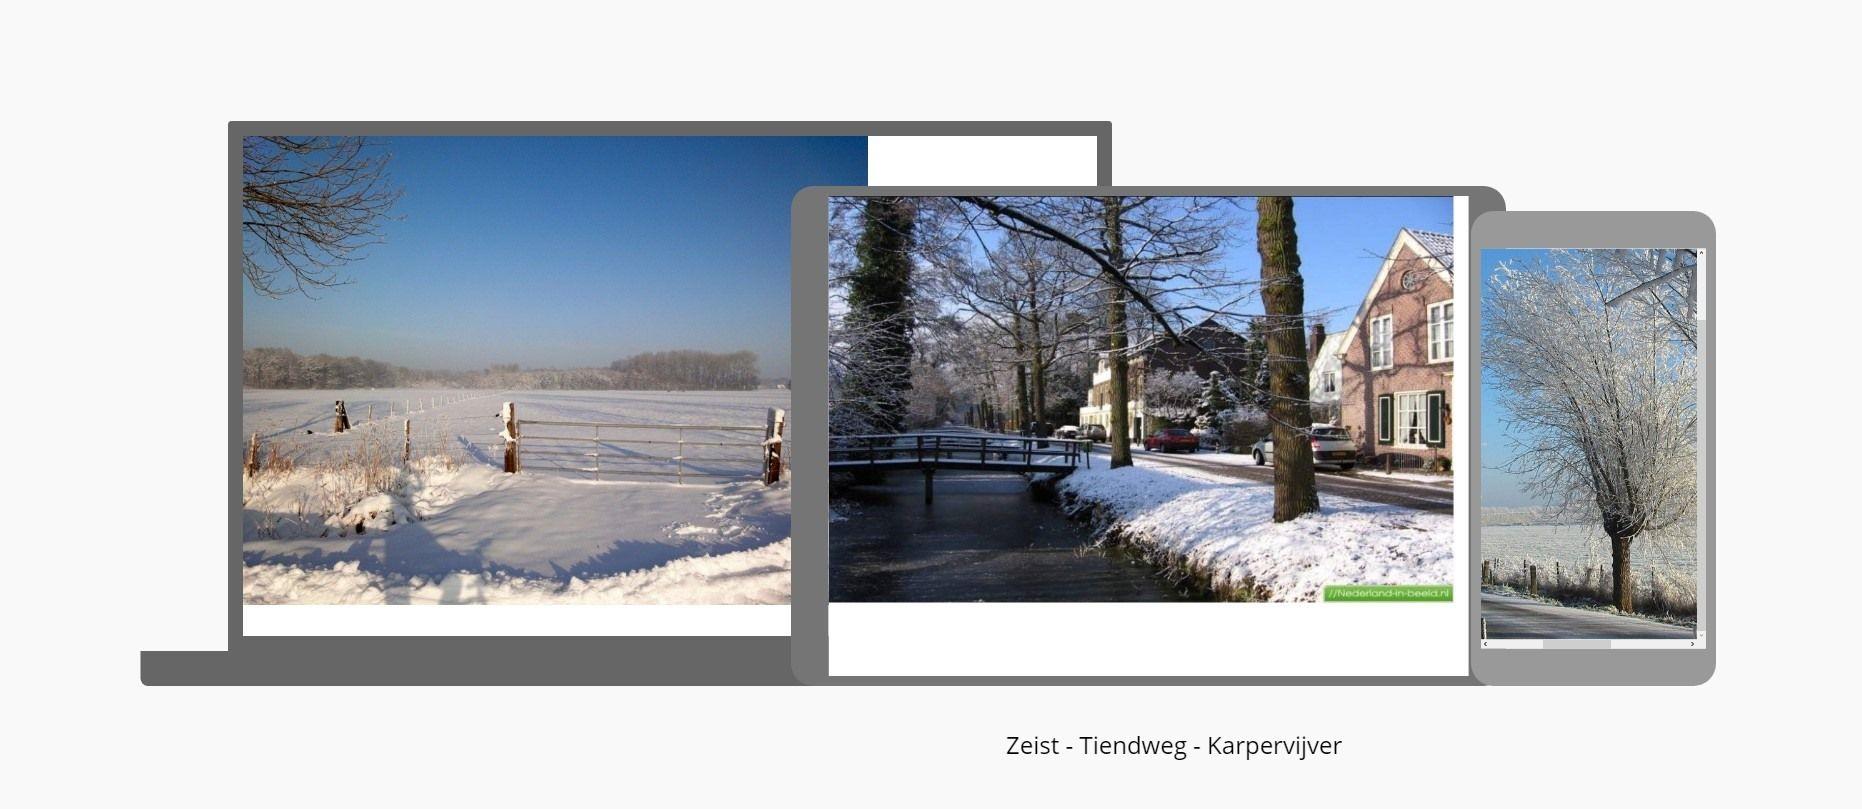 Winter - Tiendweg - Karpervijver - Tiendweg Zeist